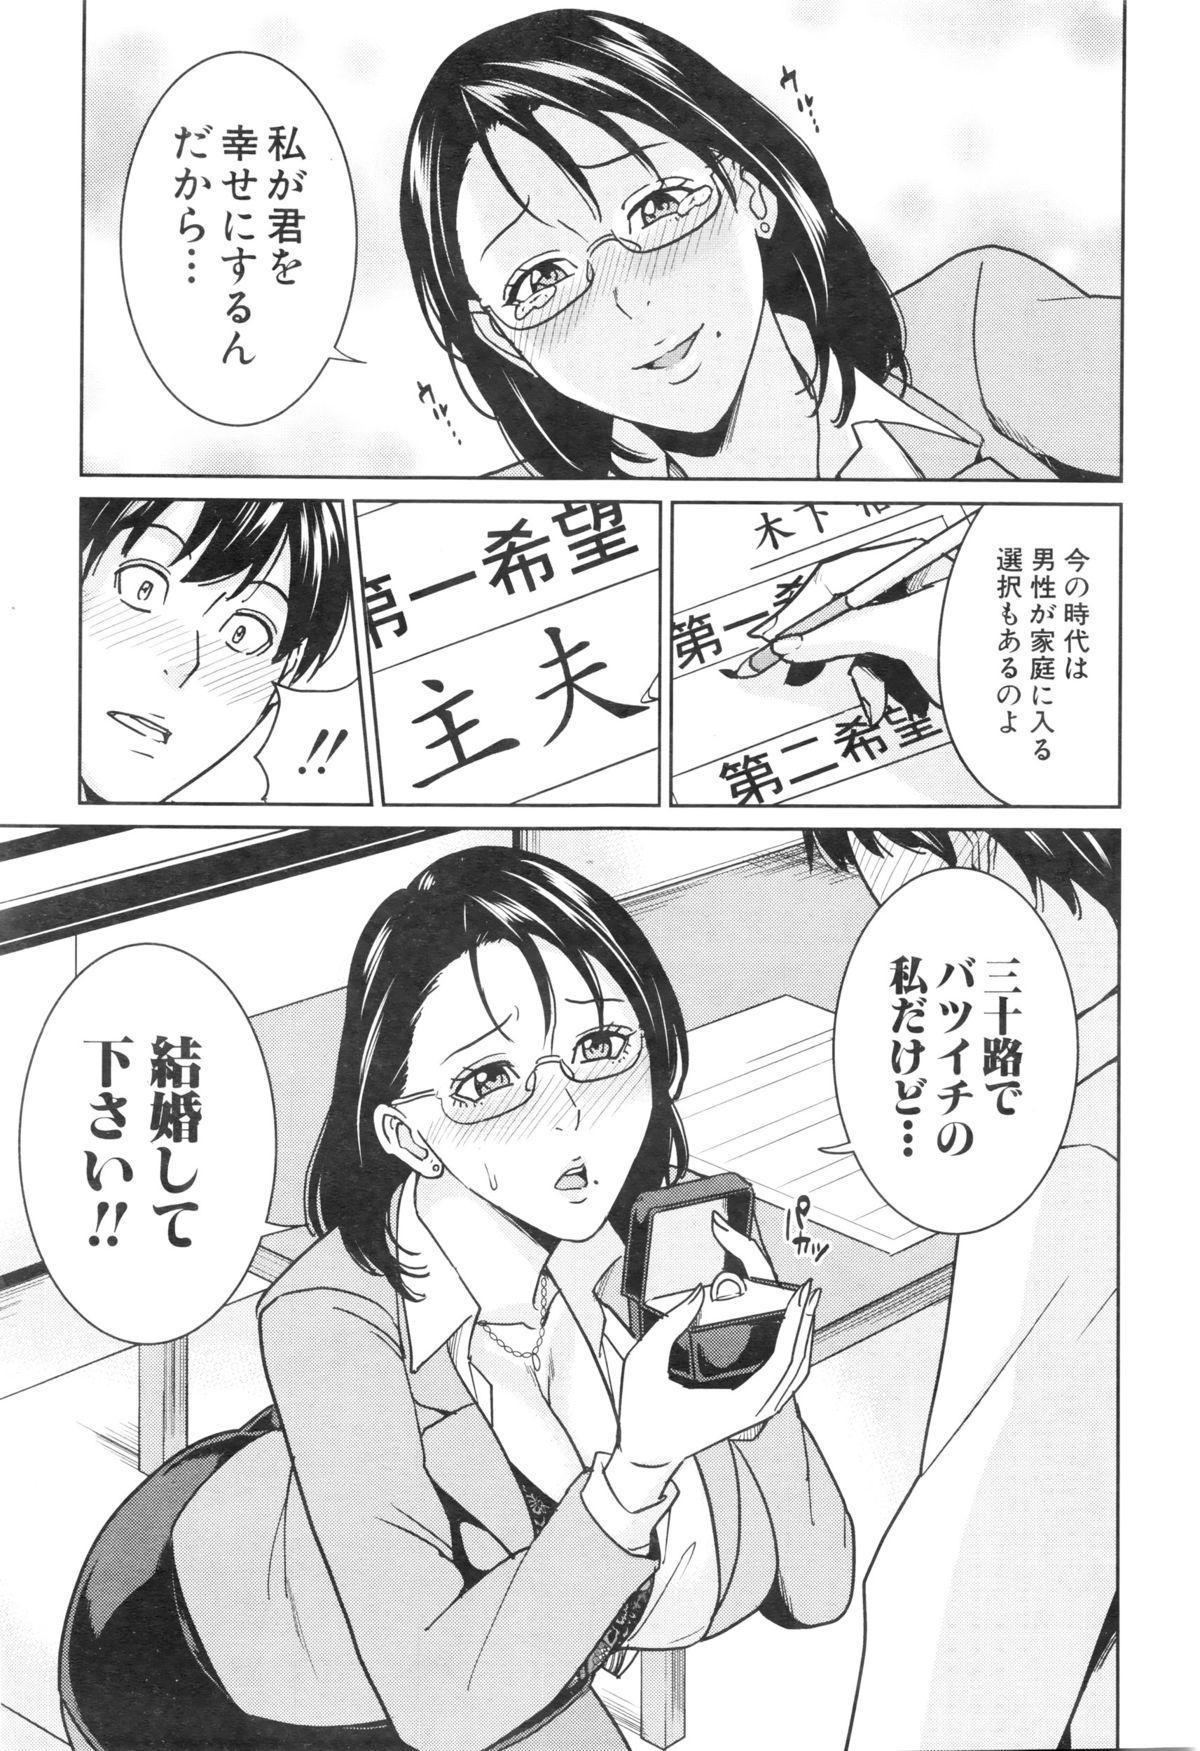 Kyouko Sensei to Boku no Himitsu 102